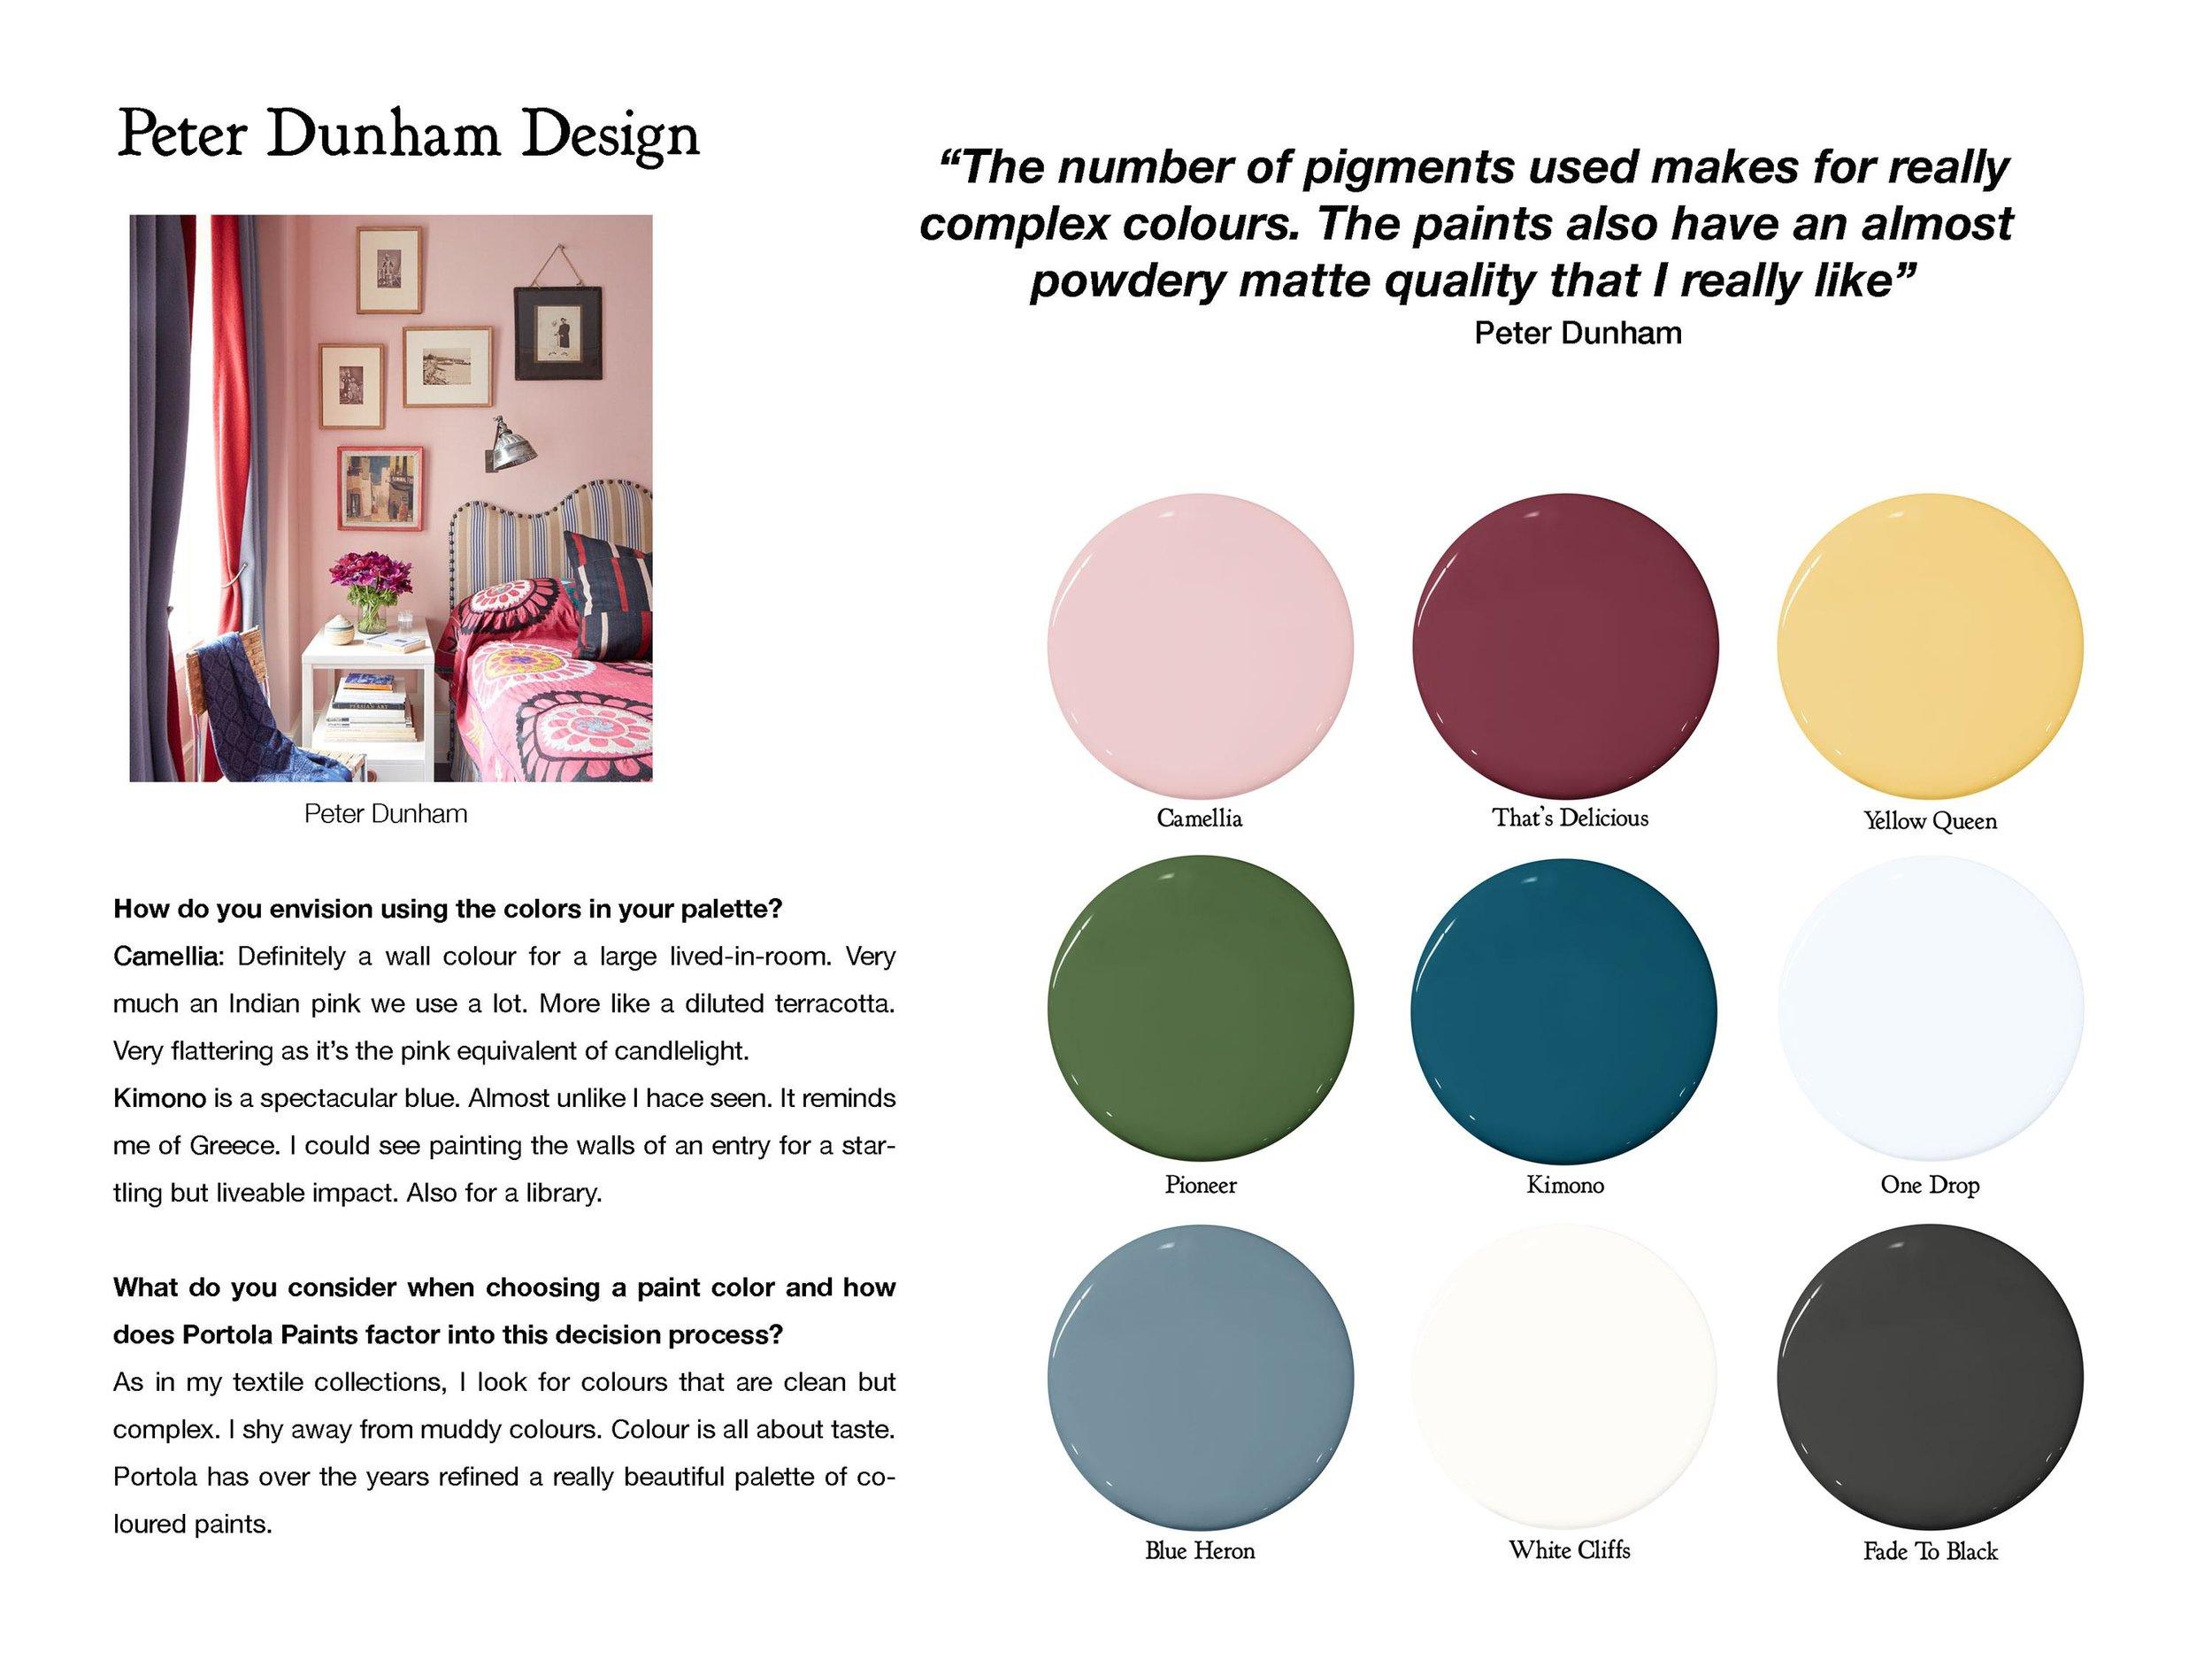 Follow Peter Dunham:  peterdunham.com ,  instagram.com/peterdunhamdesign   Color Picks:  Camelia ,  That's Delicious ,  Yellow Queen ,  Pioneer ,  Kimono ,  One Drop ,  Blue Heron ,  White Cliffs ,  Fade To Black